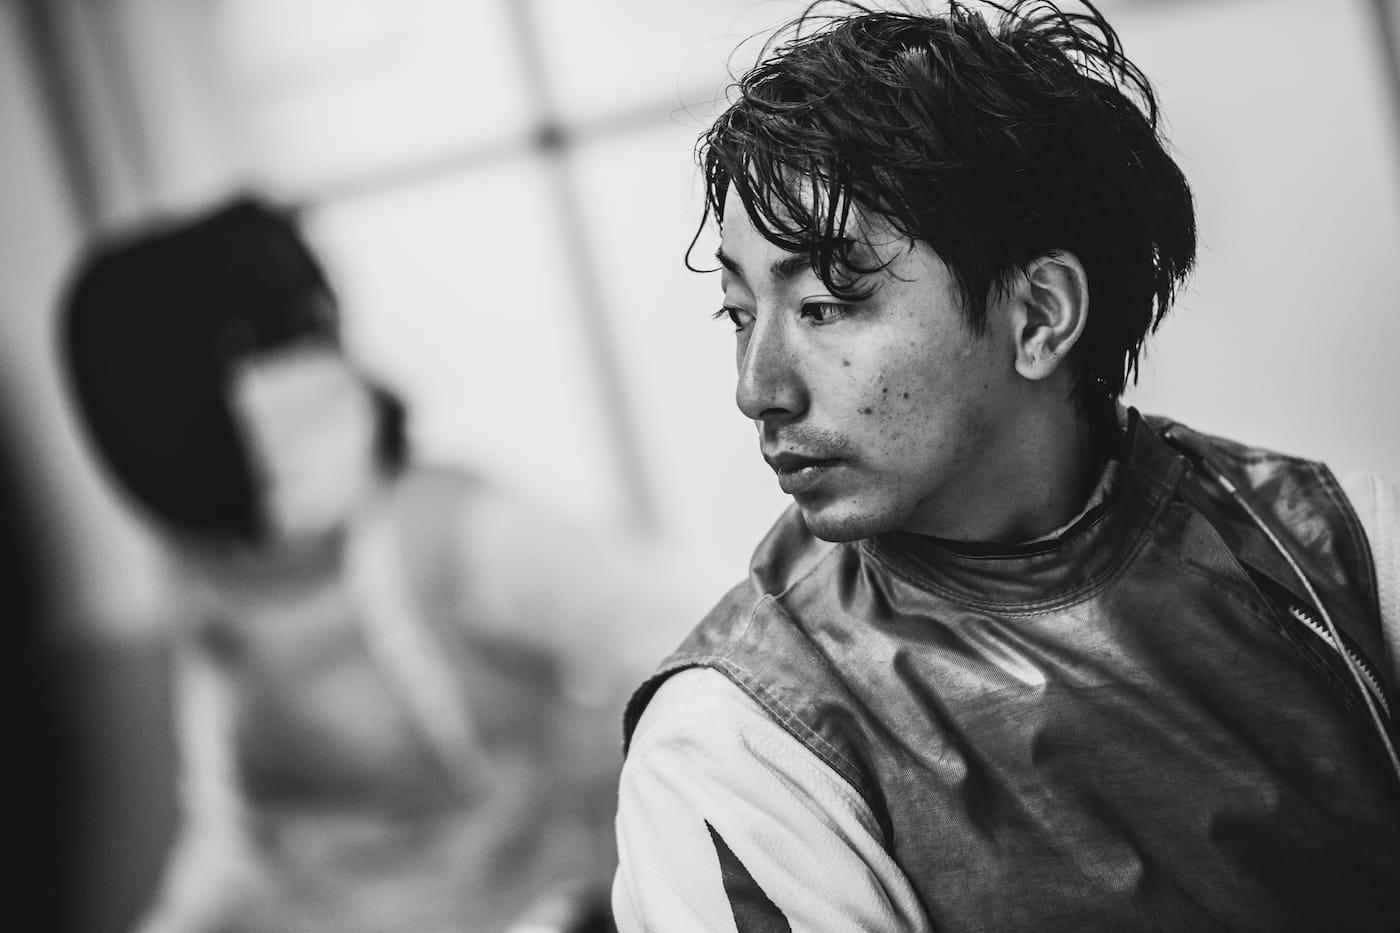 車いすフェンシング・加納慎太郎選手の写真